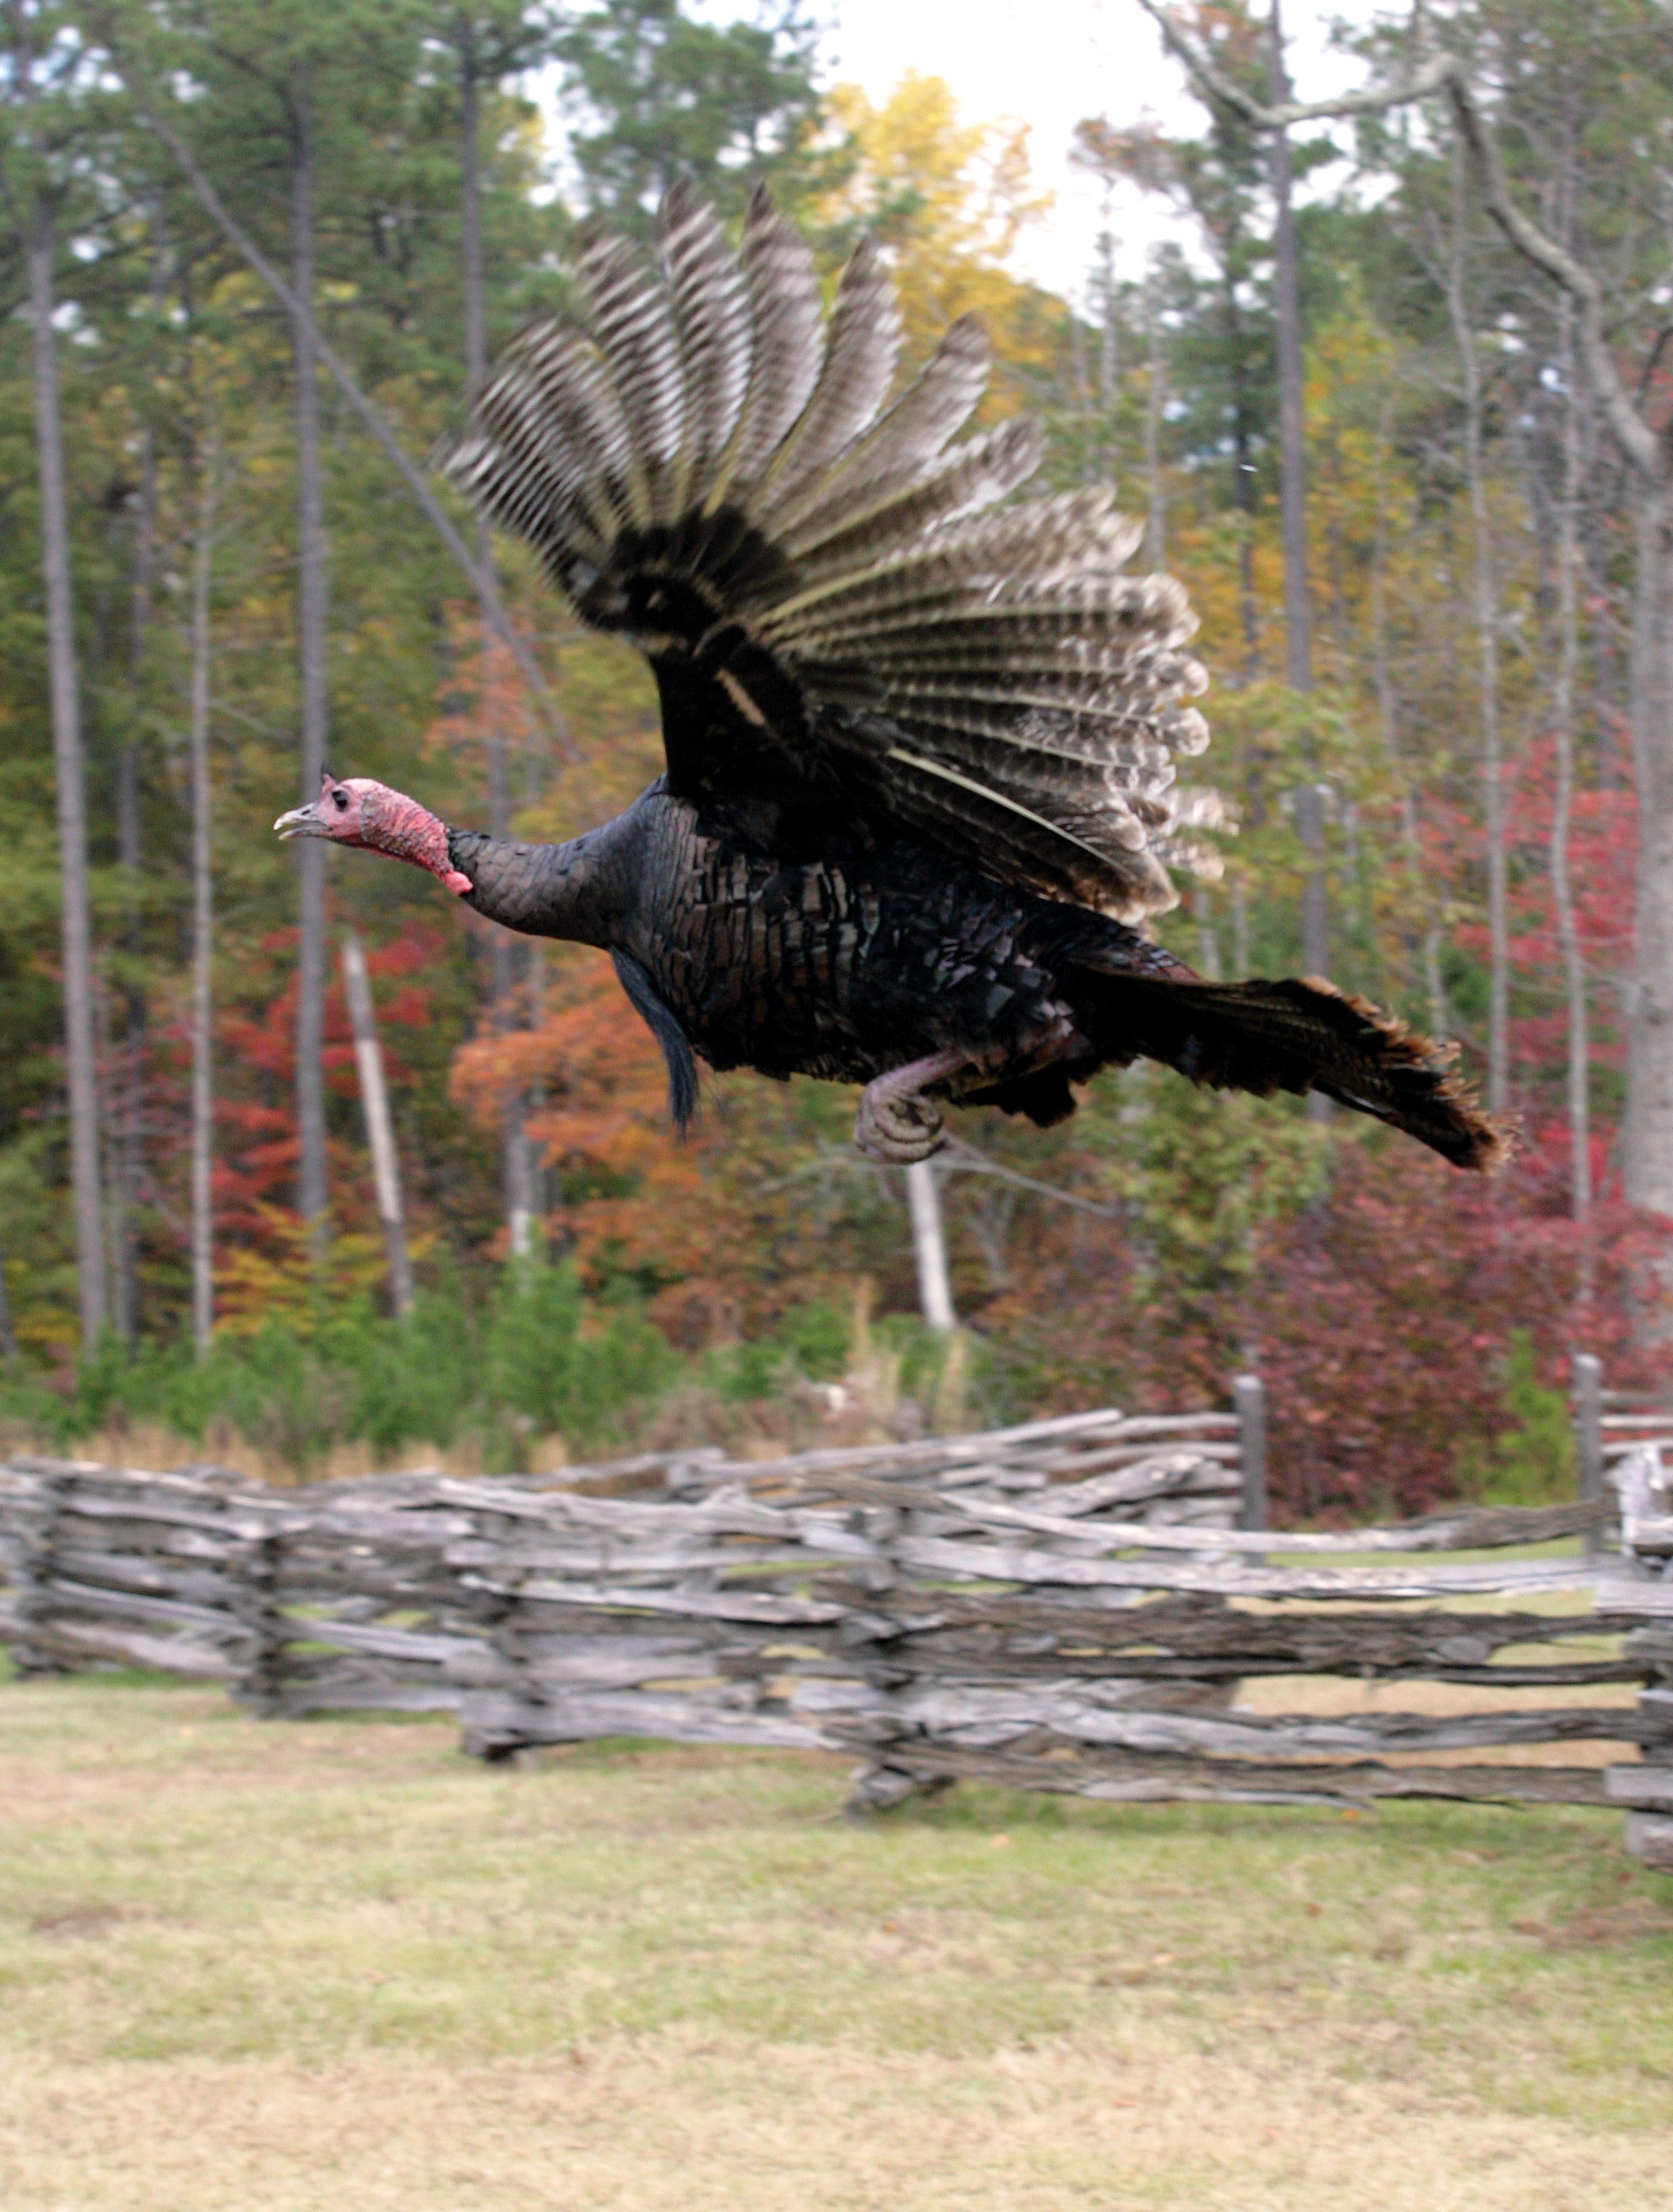 Wild turkey flight - photo#12